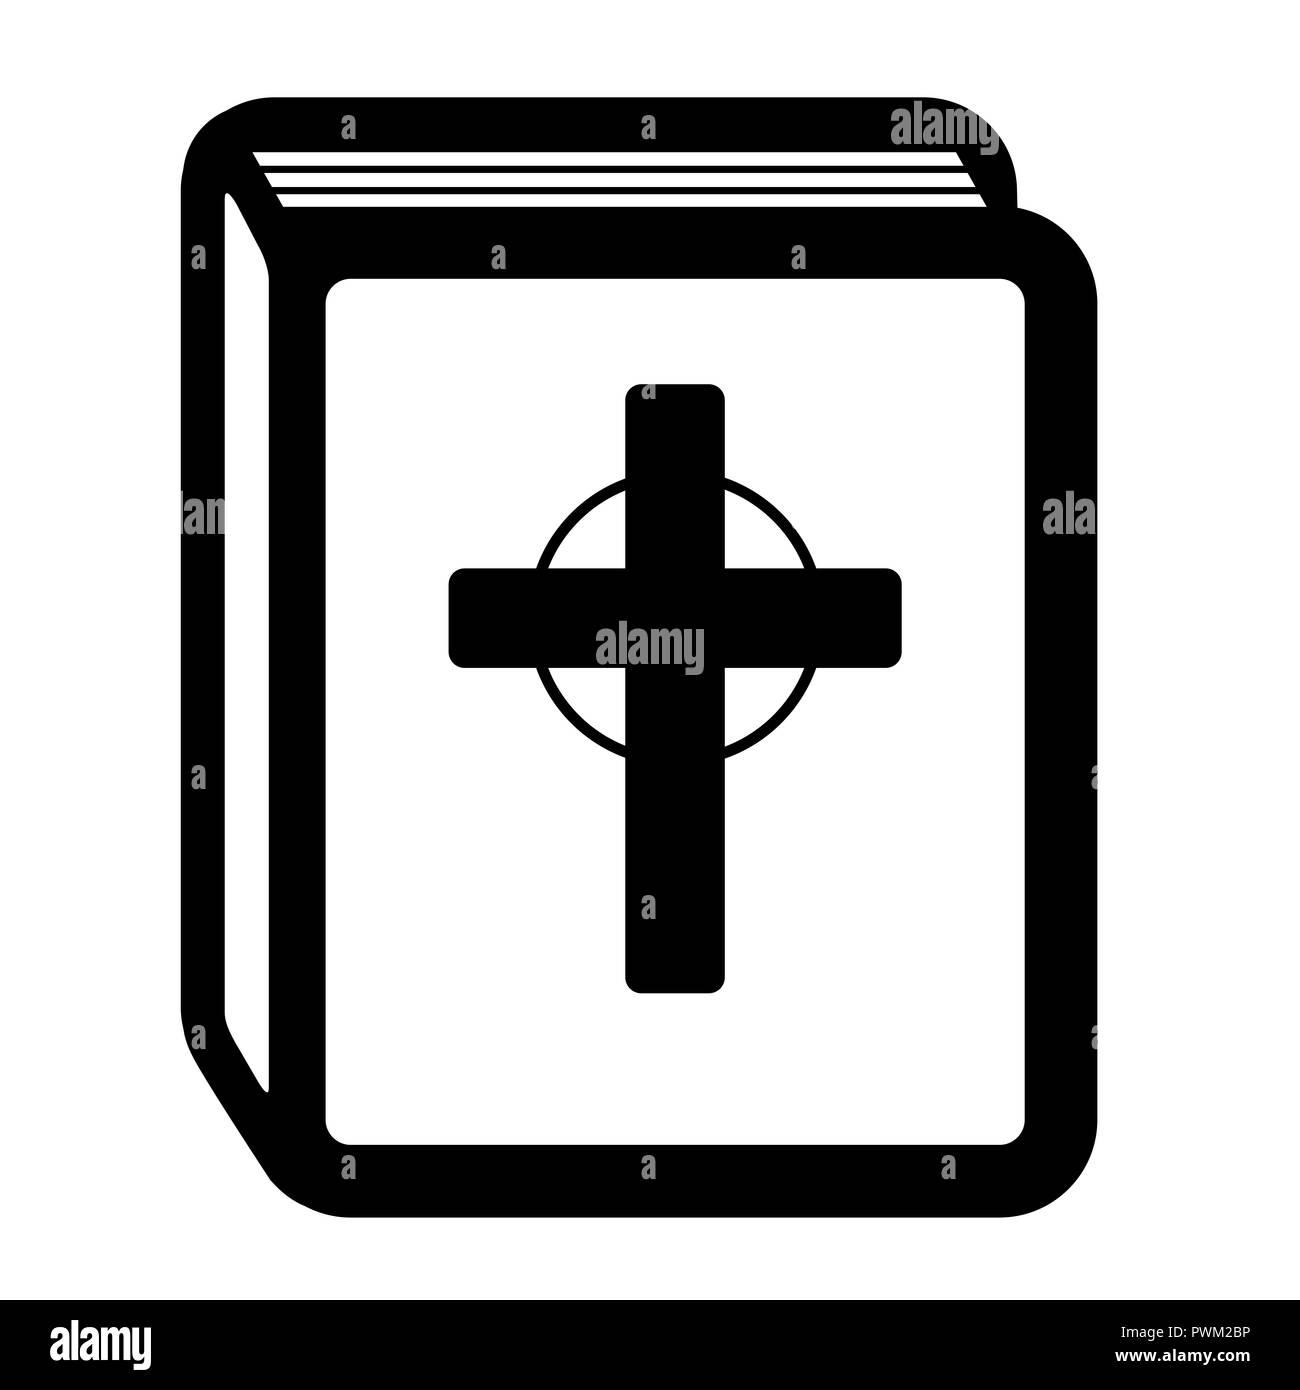 Heilige Bibel Piktogramm. Buchsymbol mit christlichen Kreuz, religiöses Symbol des Christentums. Stockbild